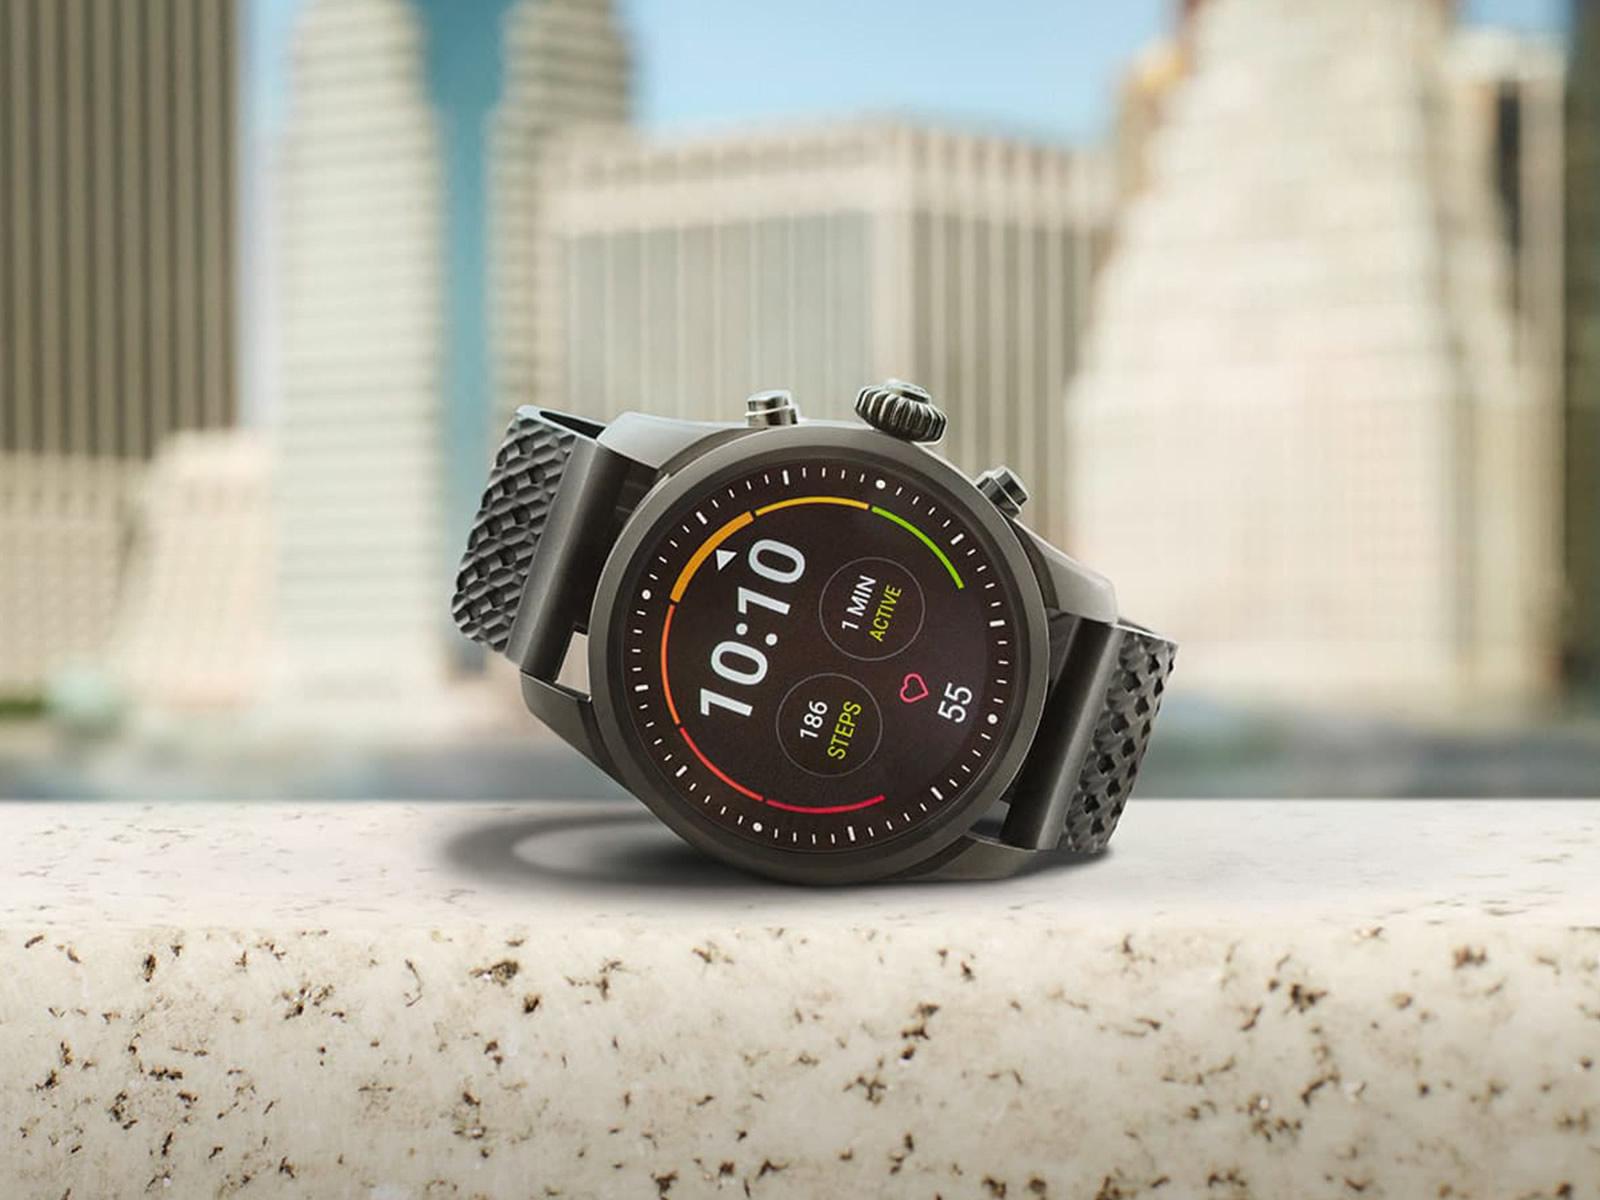 montblanc-summit-2-smartwatch-1-.jpg